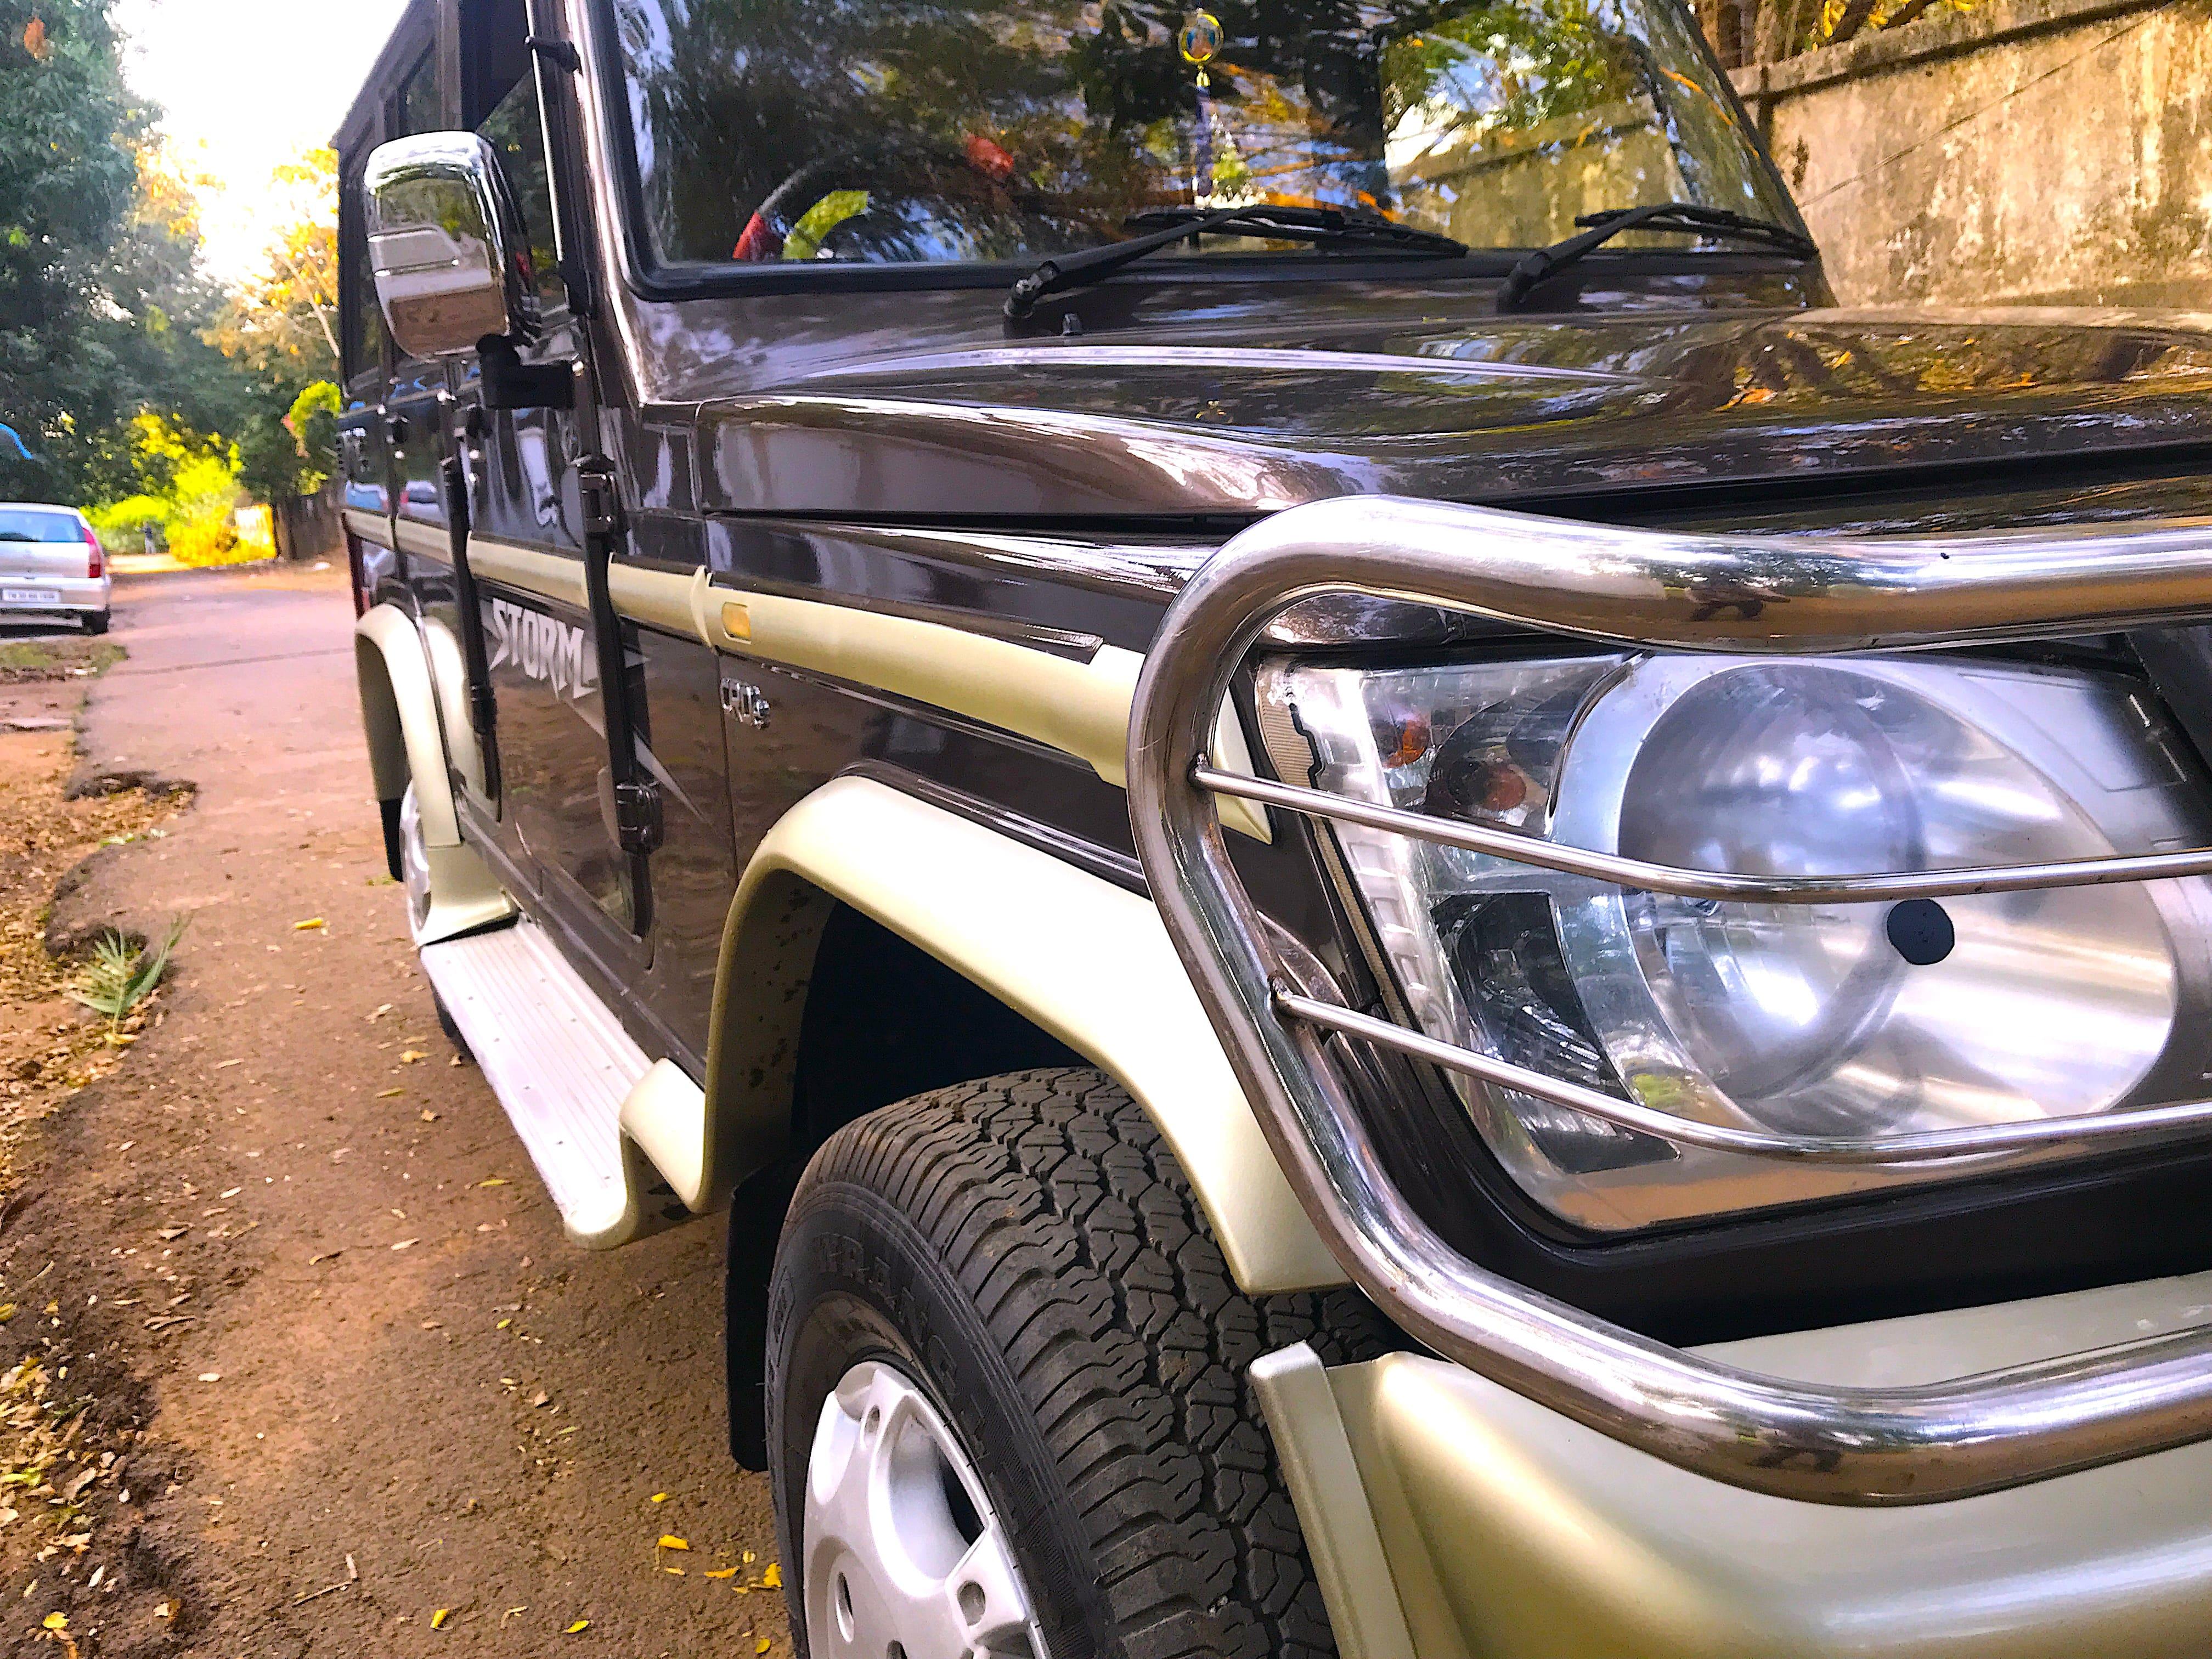 Mahindra Bolero 2001-2010 VLX CRDe